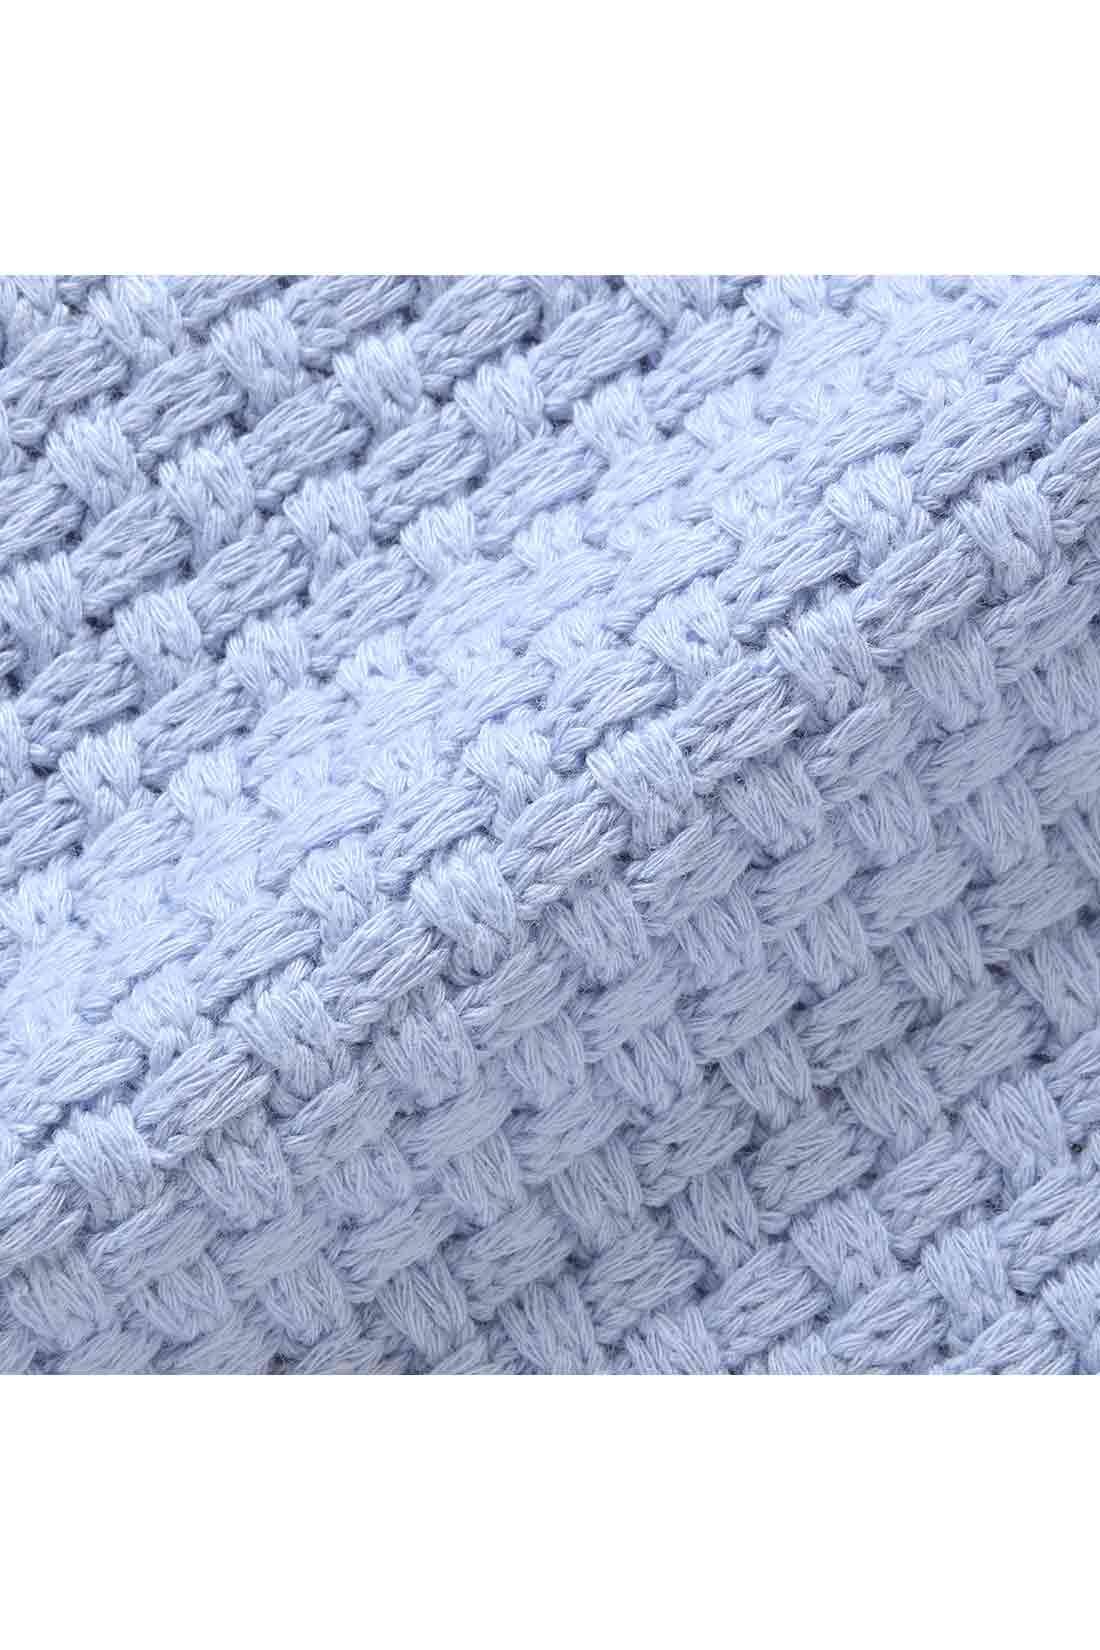 ほどよい厚みのコットンニット。フロントのバスケット編みでさっと1枚で着映えします。